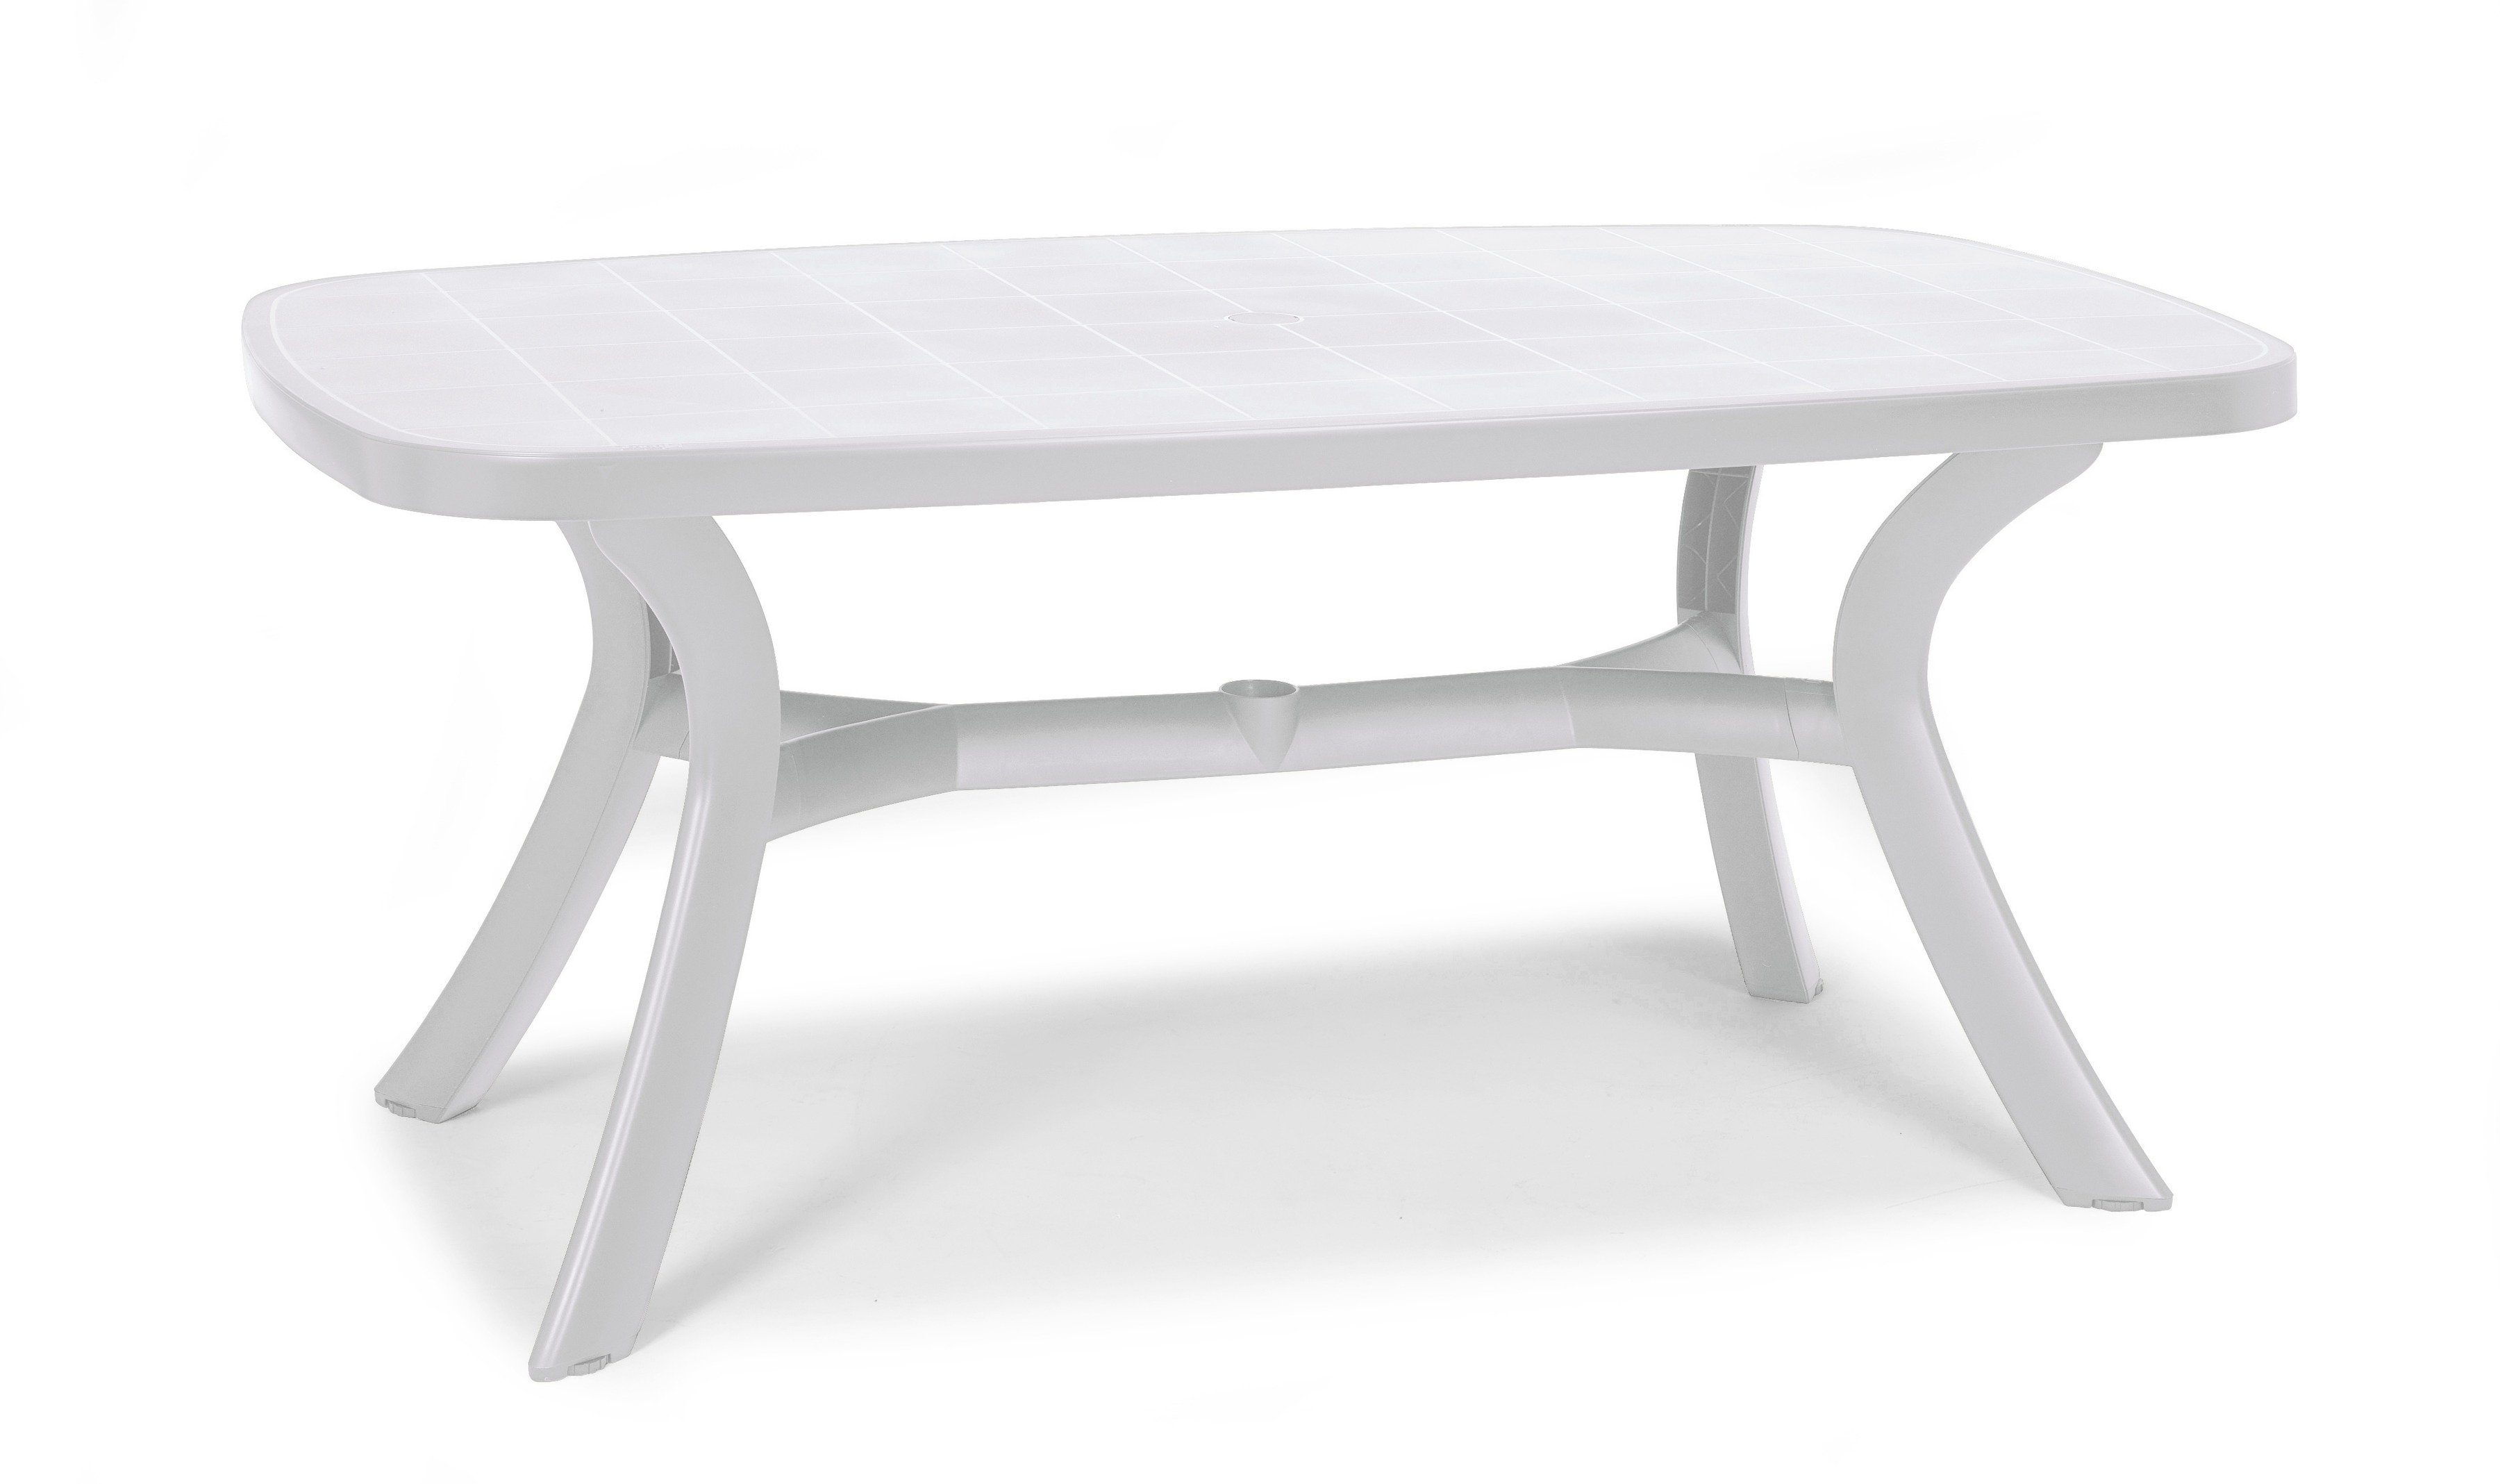 Best Gartentisch »Kansas«, Kunststoff, 192x105 cm